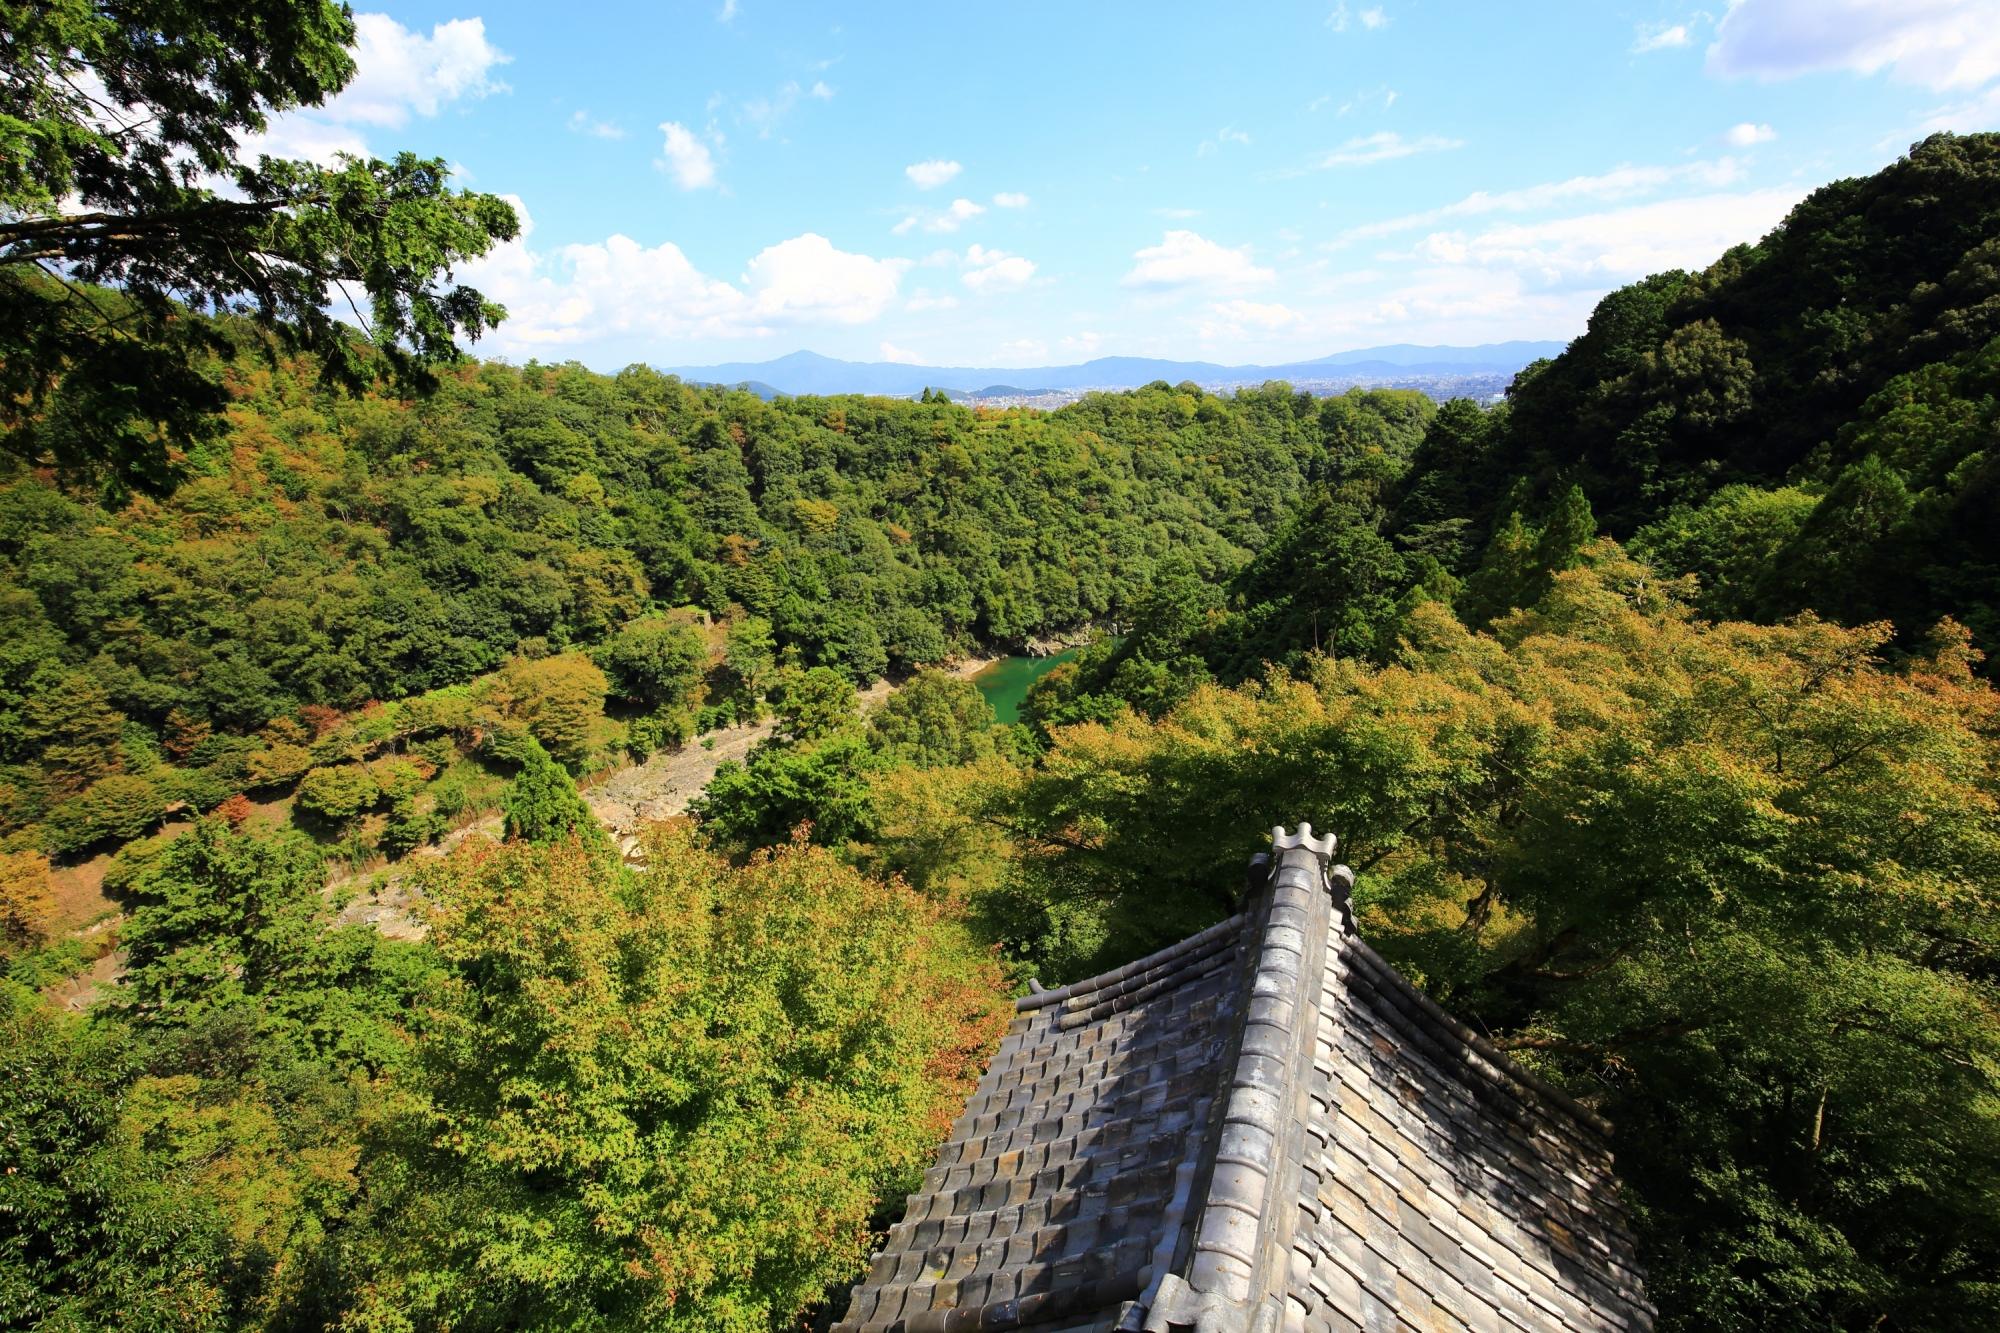 嵐山の大悲閣 千光寺ら眺める絶景の緑と空と青もみじ 2015年10月6日